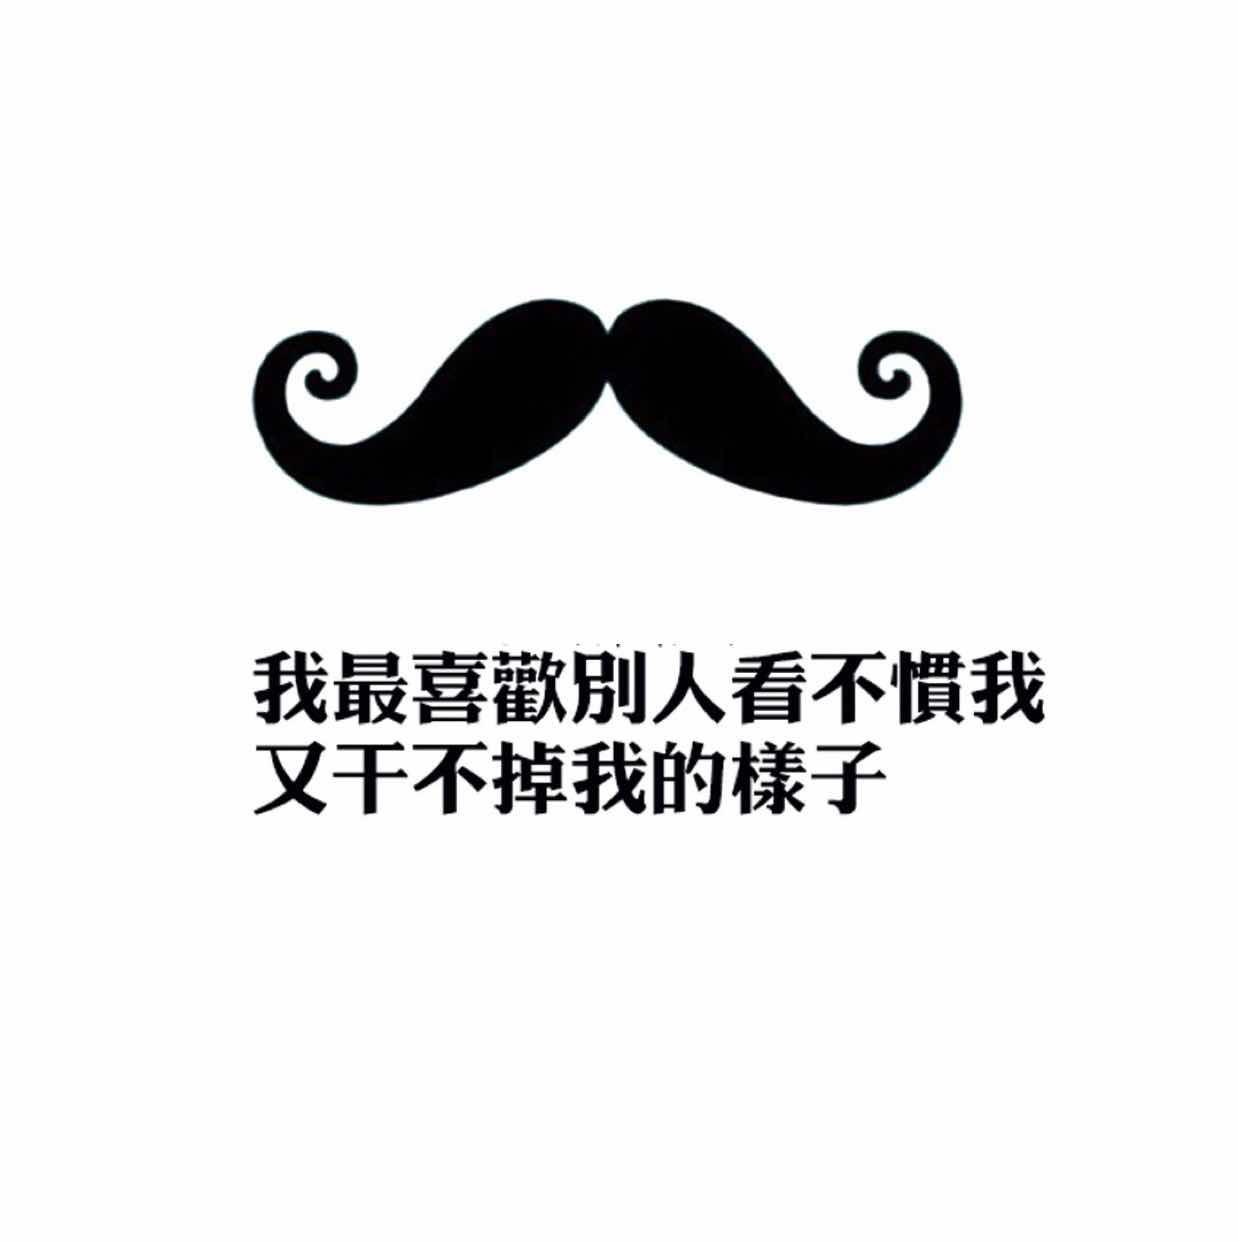 logo logo 标志 设计 矢量 矢量图 素材 图标 1239_1242